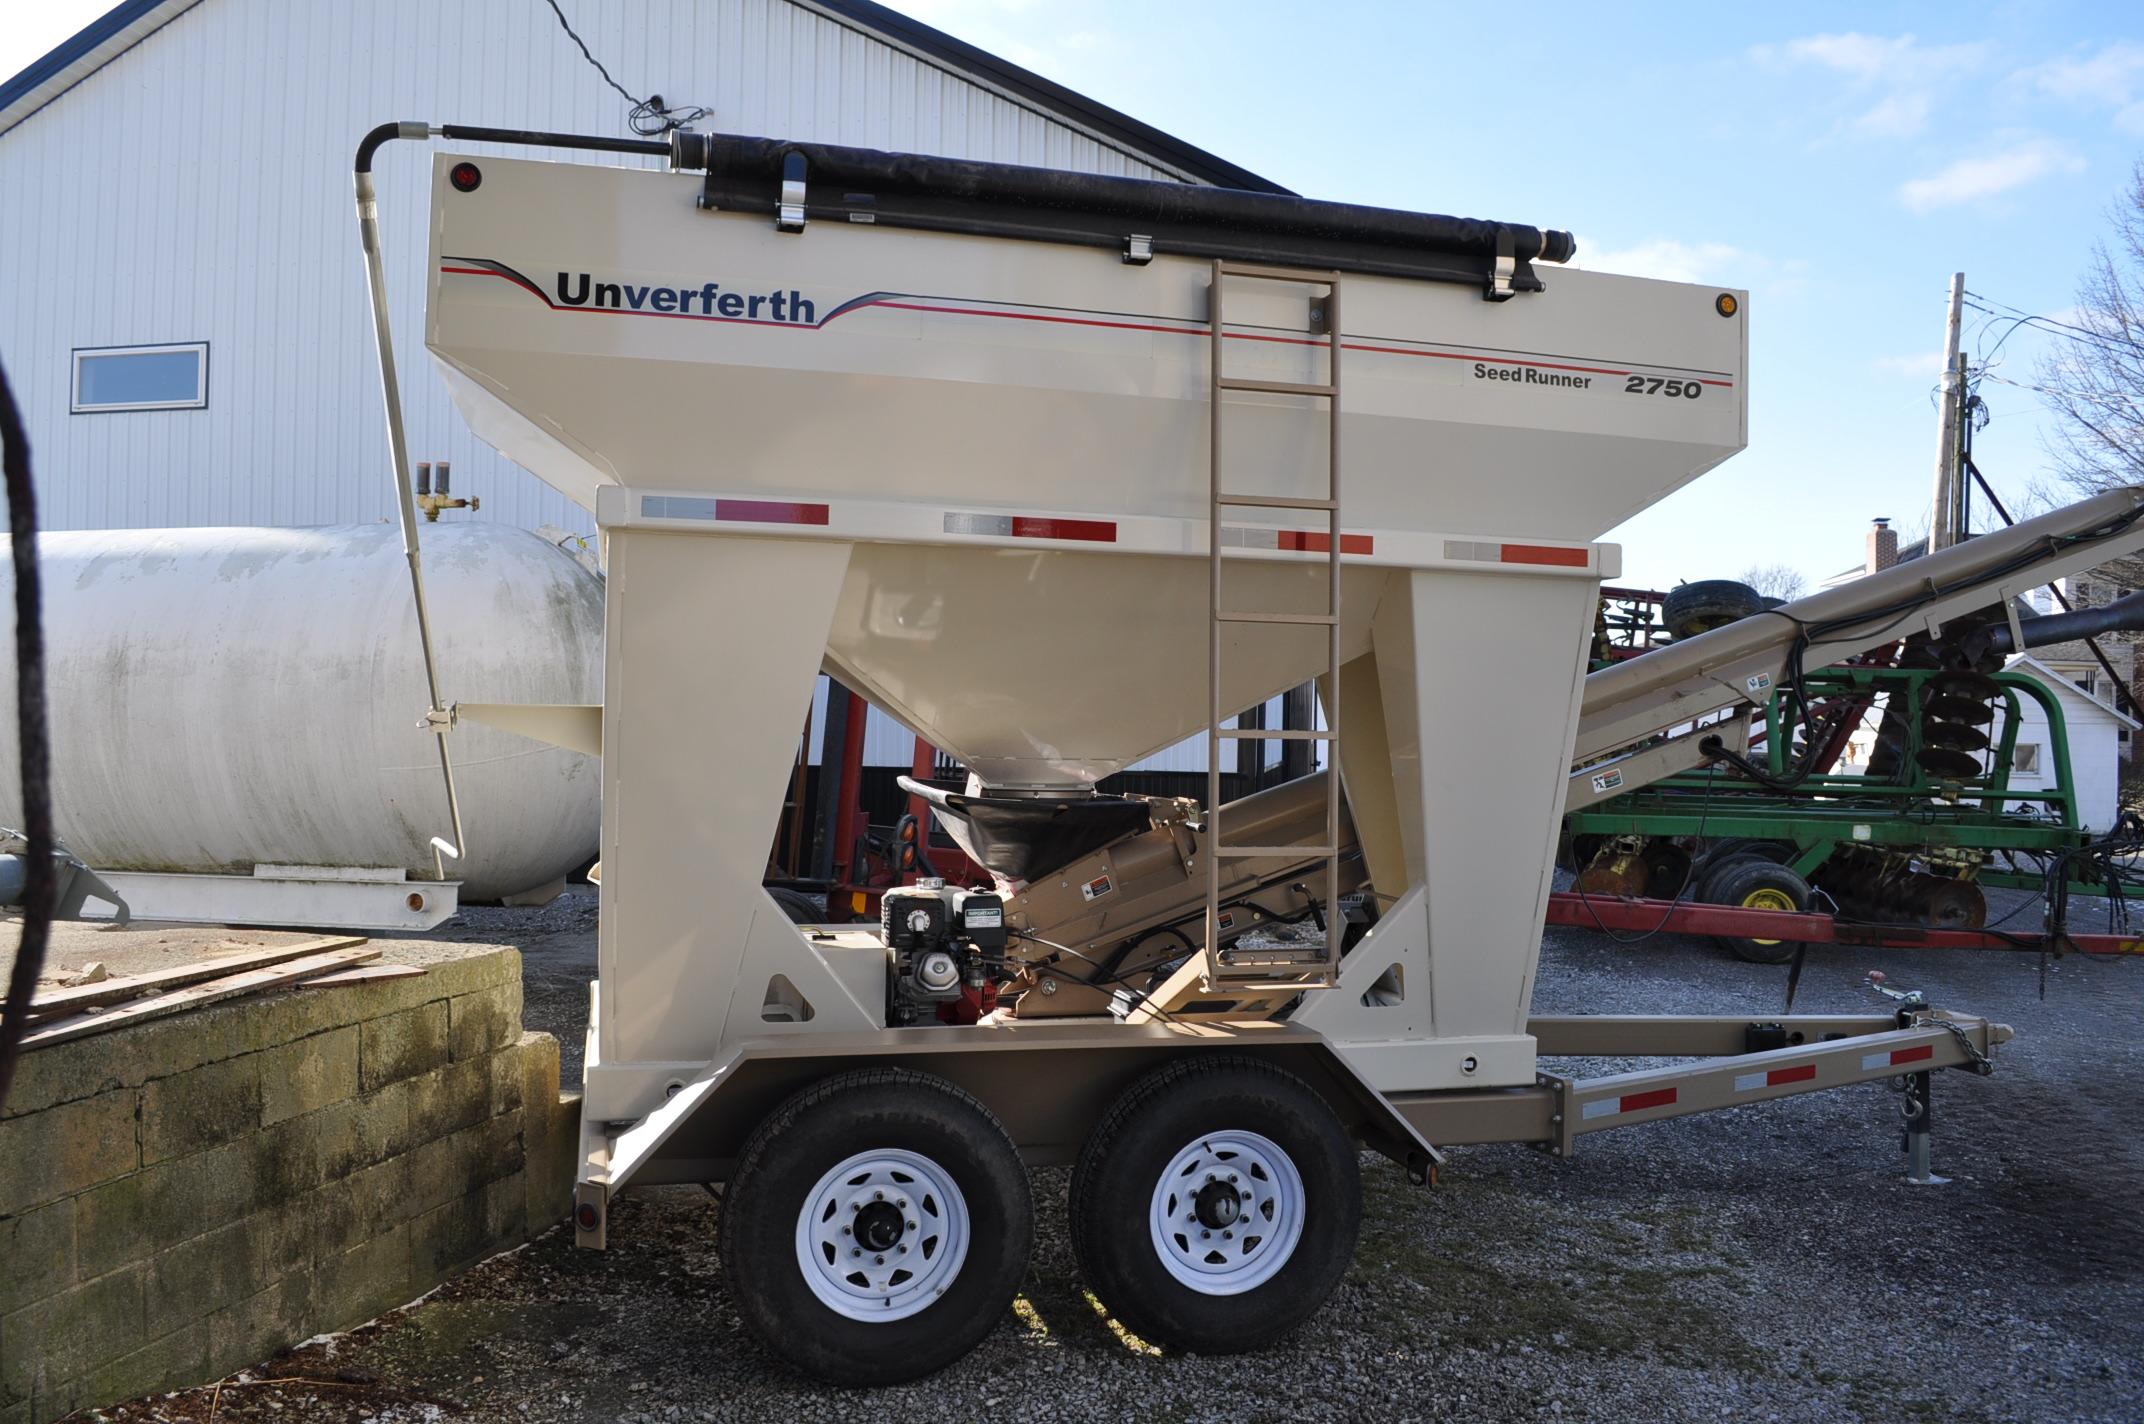 """Unverferth 2750 Seedrunner seed tender, tandem axle, scales, 6"""" conveyor, manual doors, roll tarp, - Image 3 of 10"""